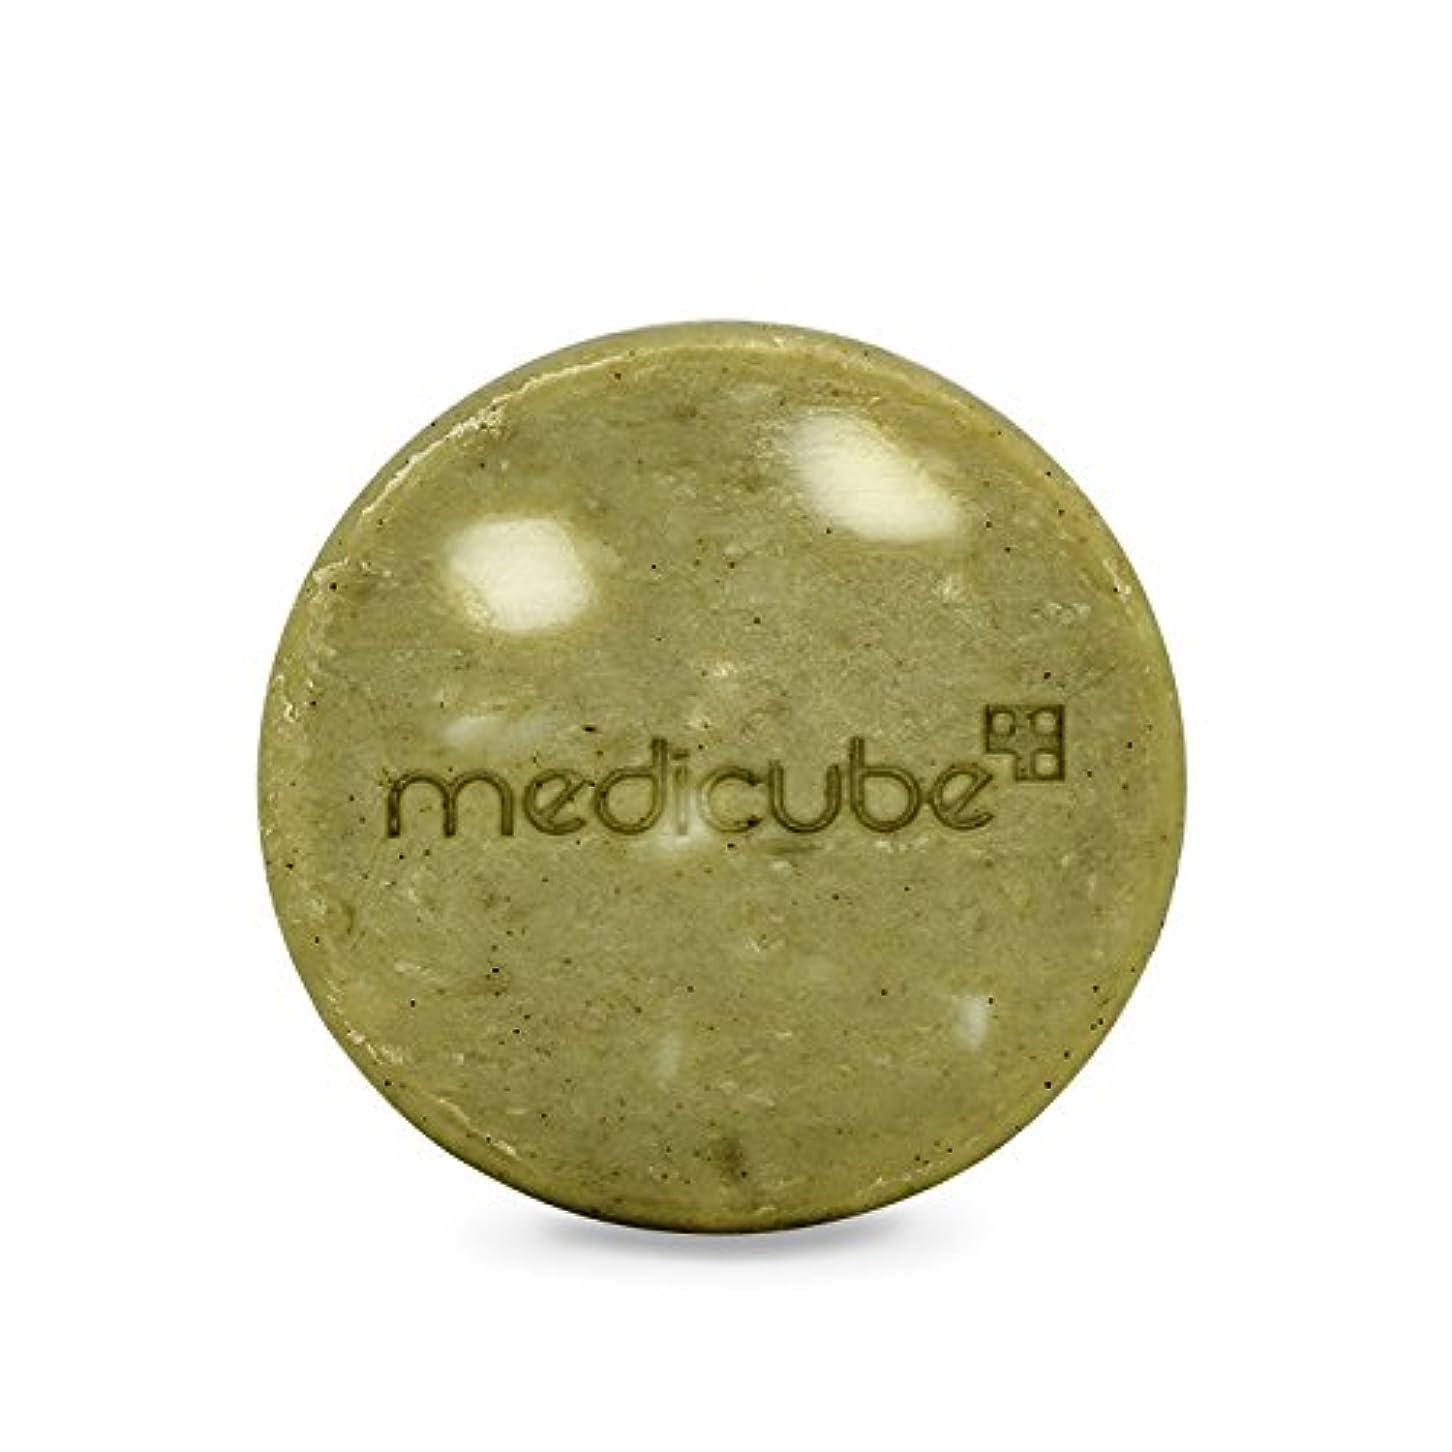 怒って排出時々[Medicube]Red Body Bar / メディキューブレッドボディバー / 正品?海外直送商品 [並行輸入品]